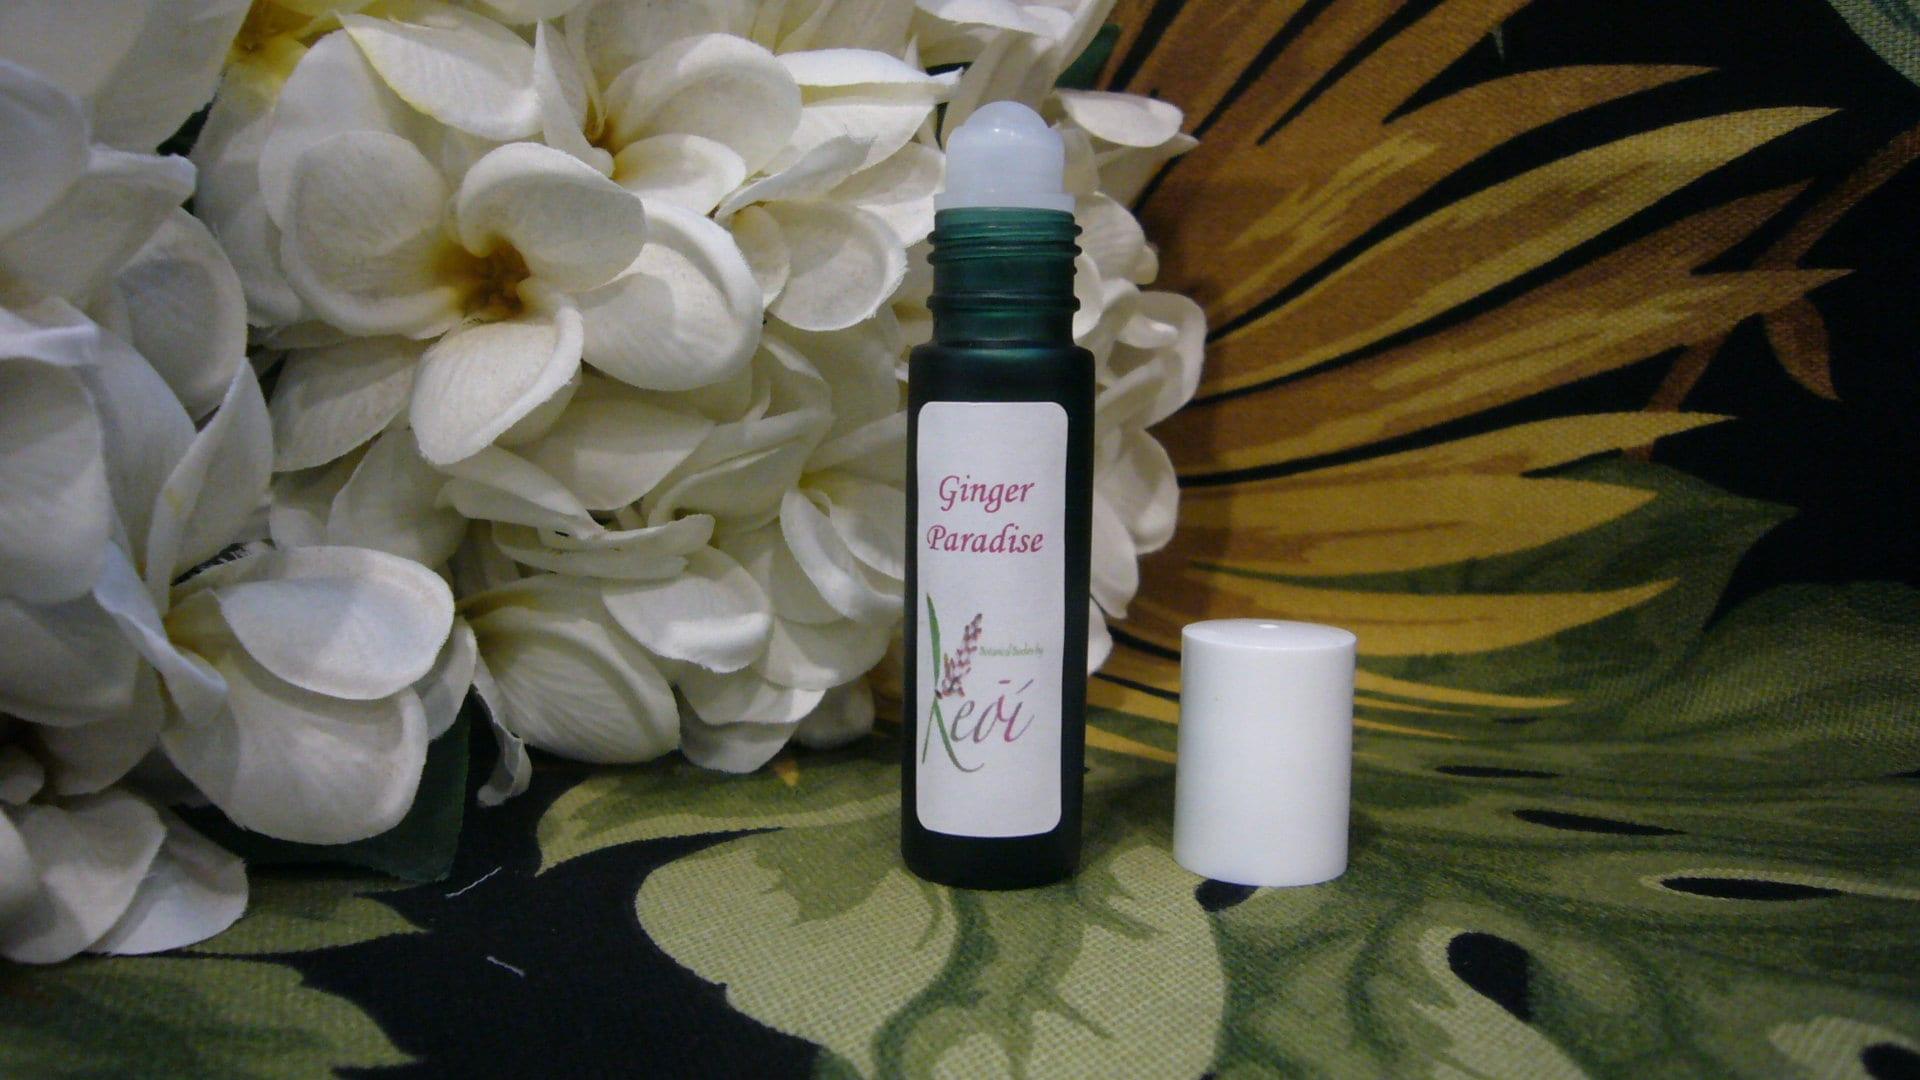 Parfum de gingembre paradis